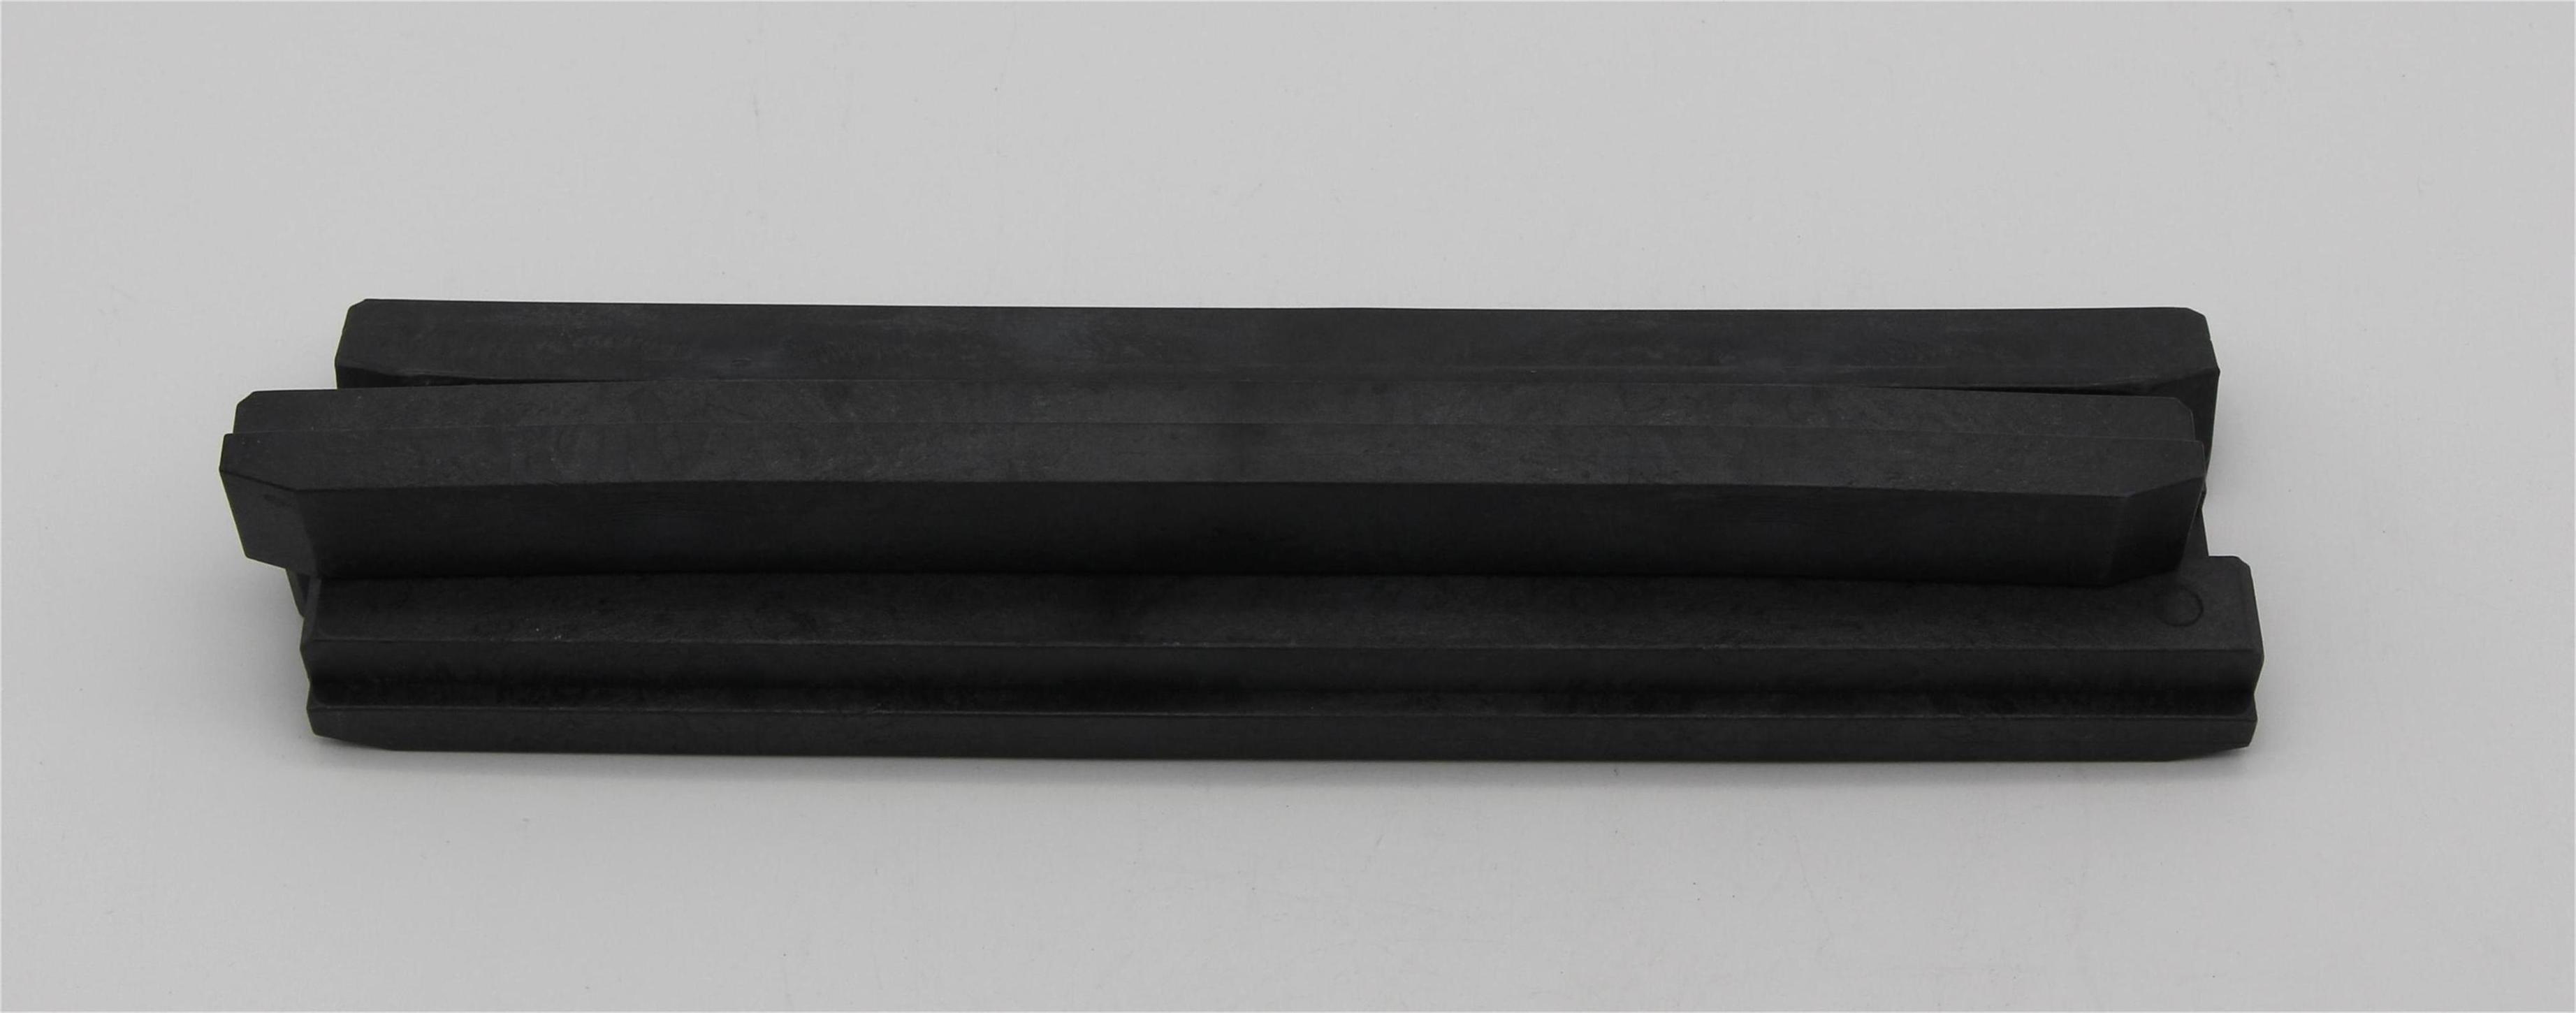 深圳信宏提供深圳地区销量好的方形石墨条-出口方形石墨条xhyrlt